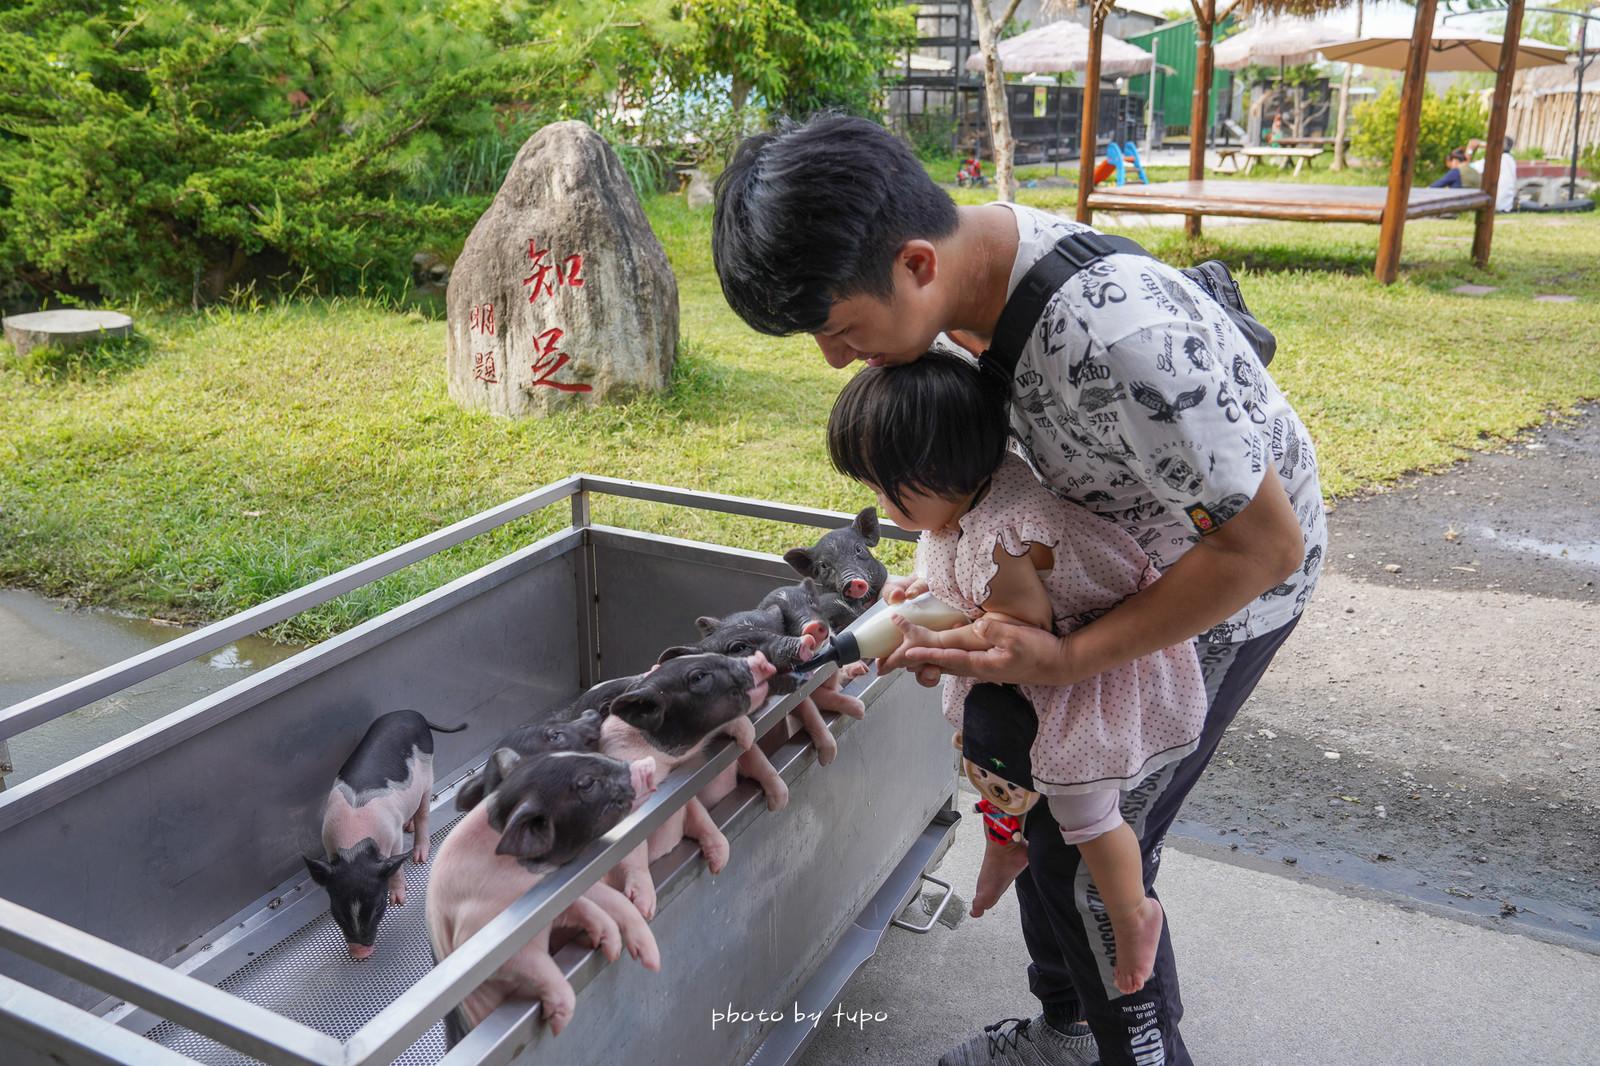 宜蘭冬山景點》心心農家樂 ~巴里島風玩水區摸蛤仔、玩沙、抱小豬豬、羊咩咩喝奶,超萌療癒系農場玩法!